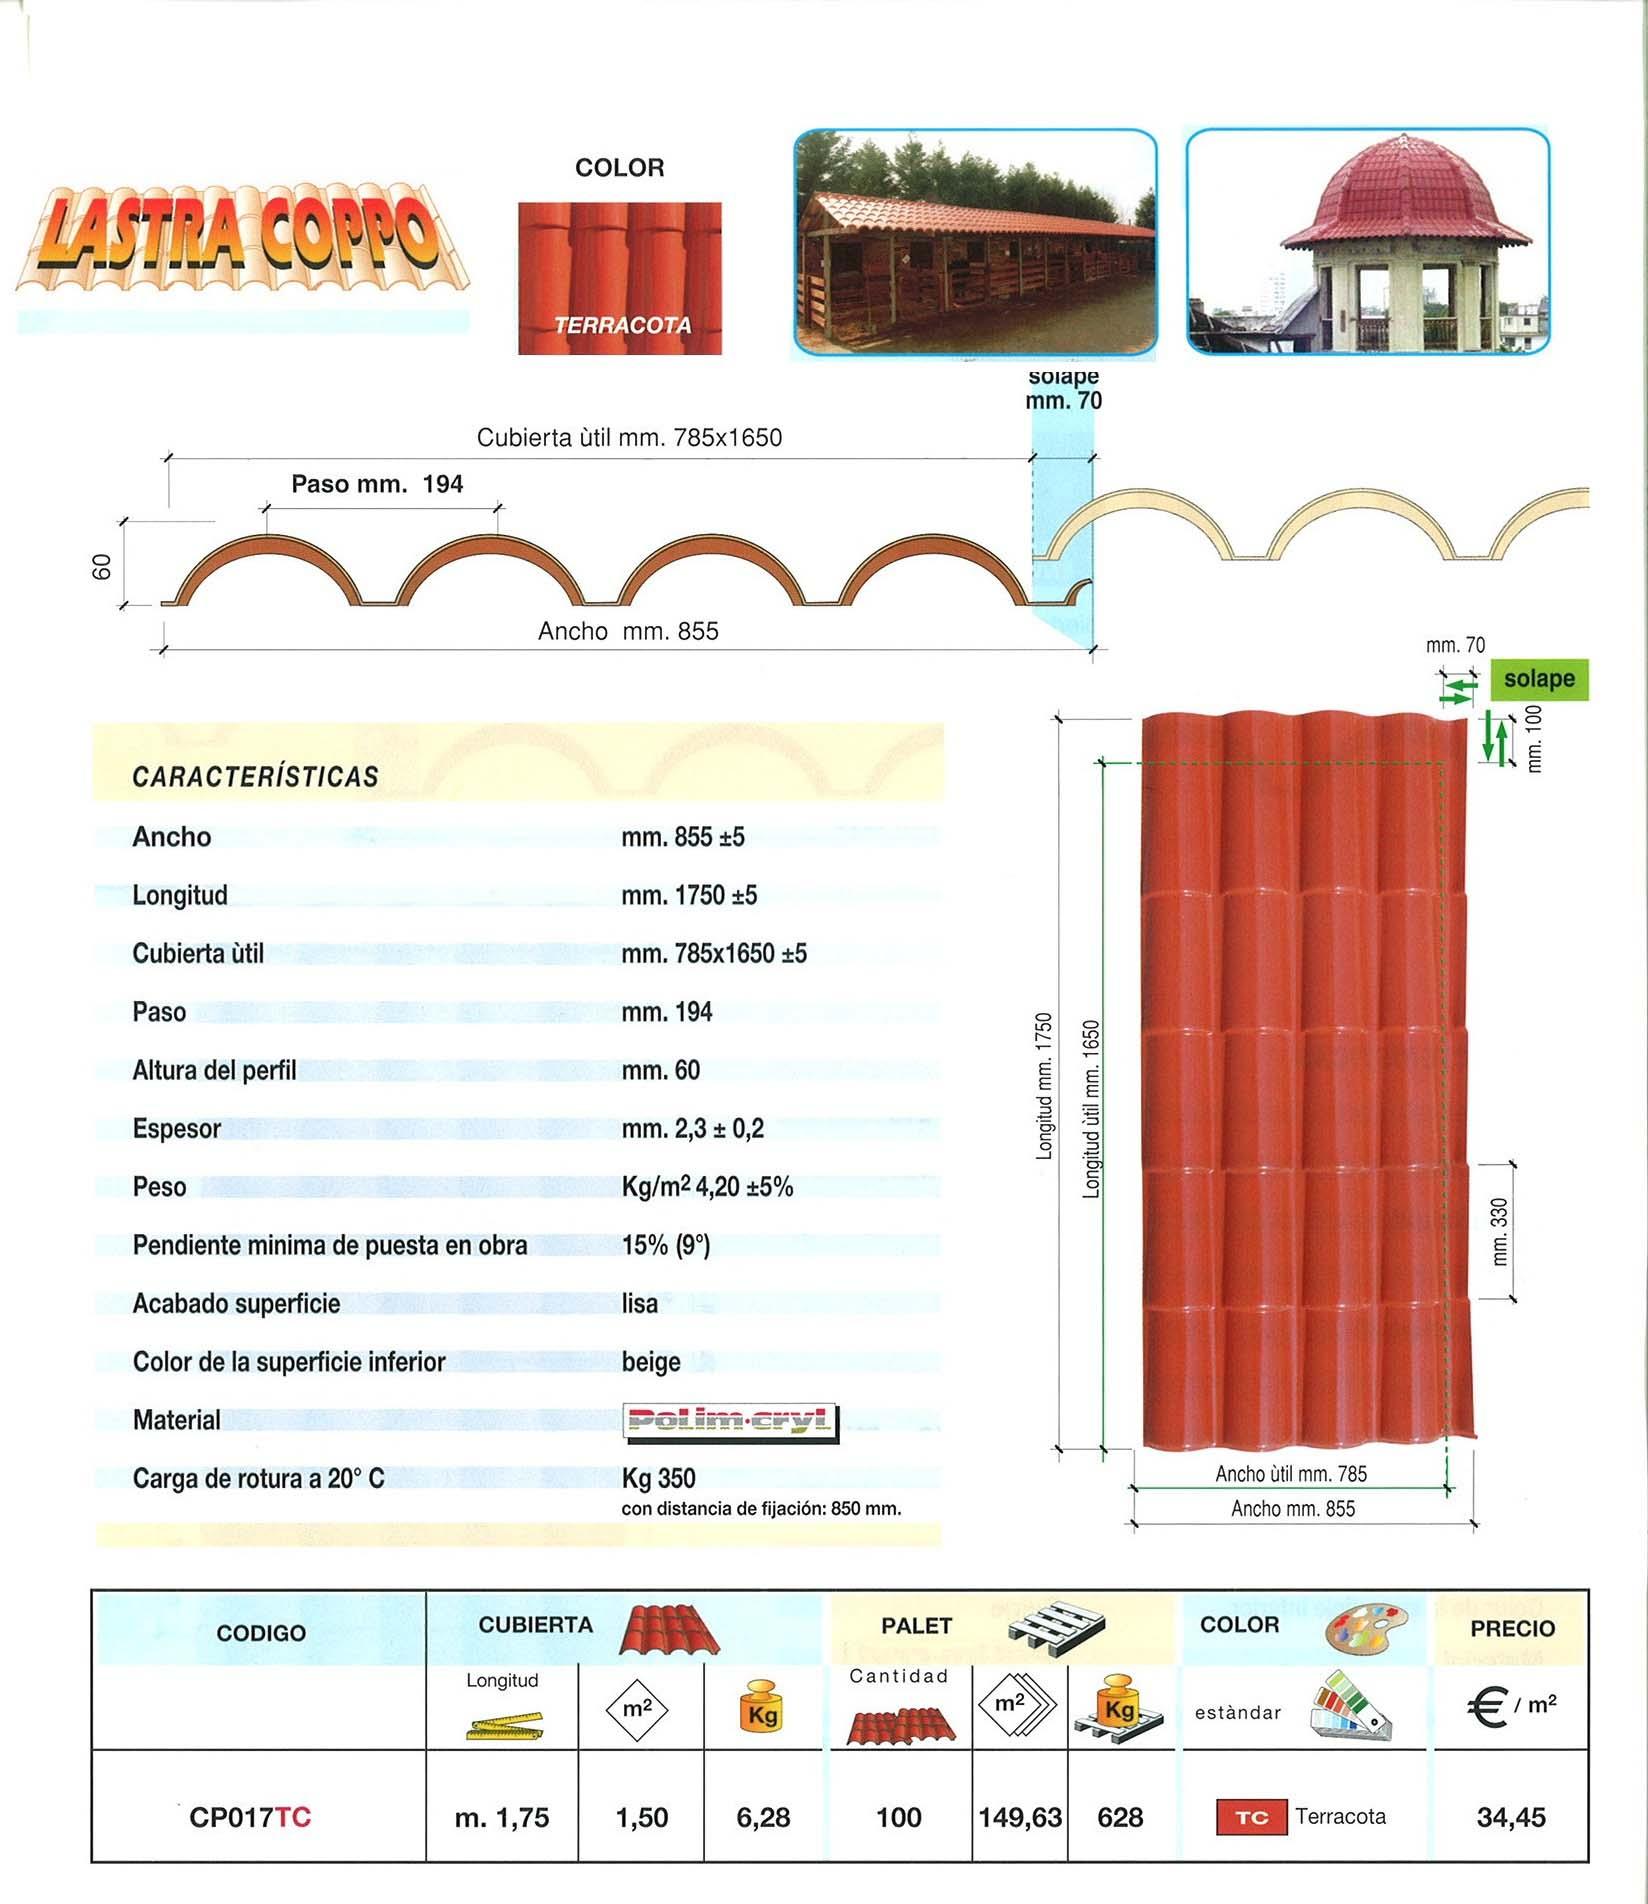 Placa imitaci n teja mini cemat gijon asturias leon for Empresa de cubiertas y tejados